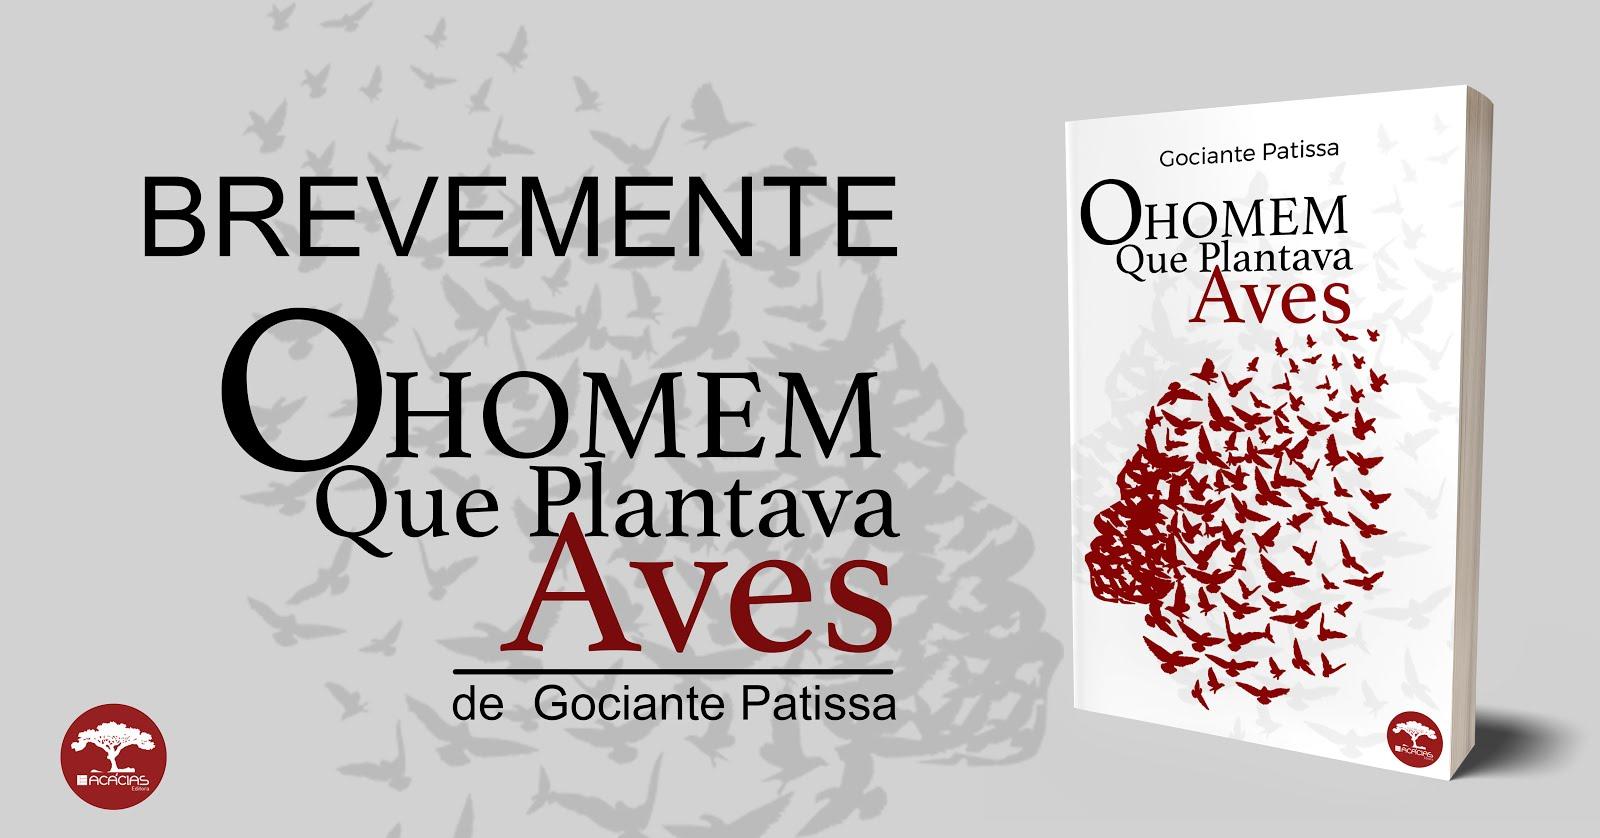 Edição angolana do livro de contos